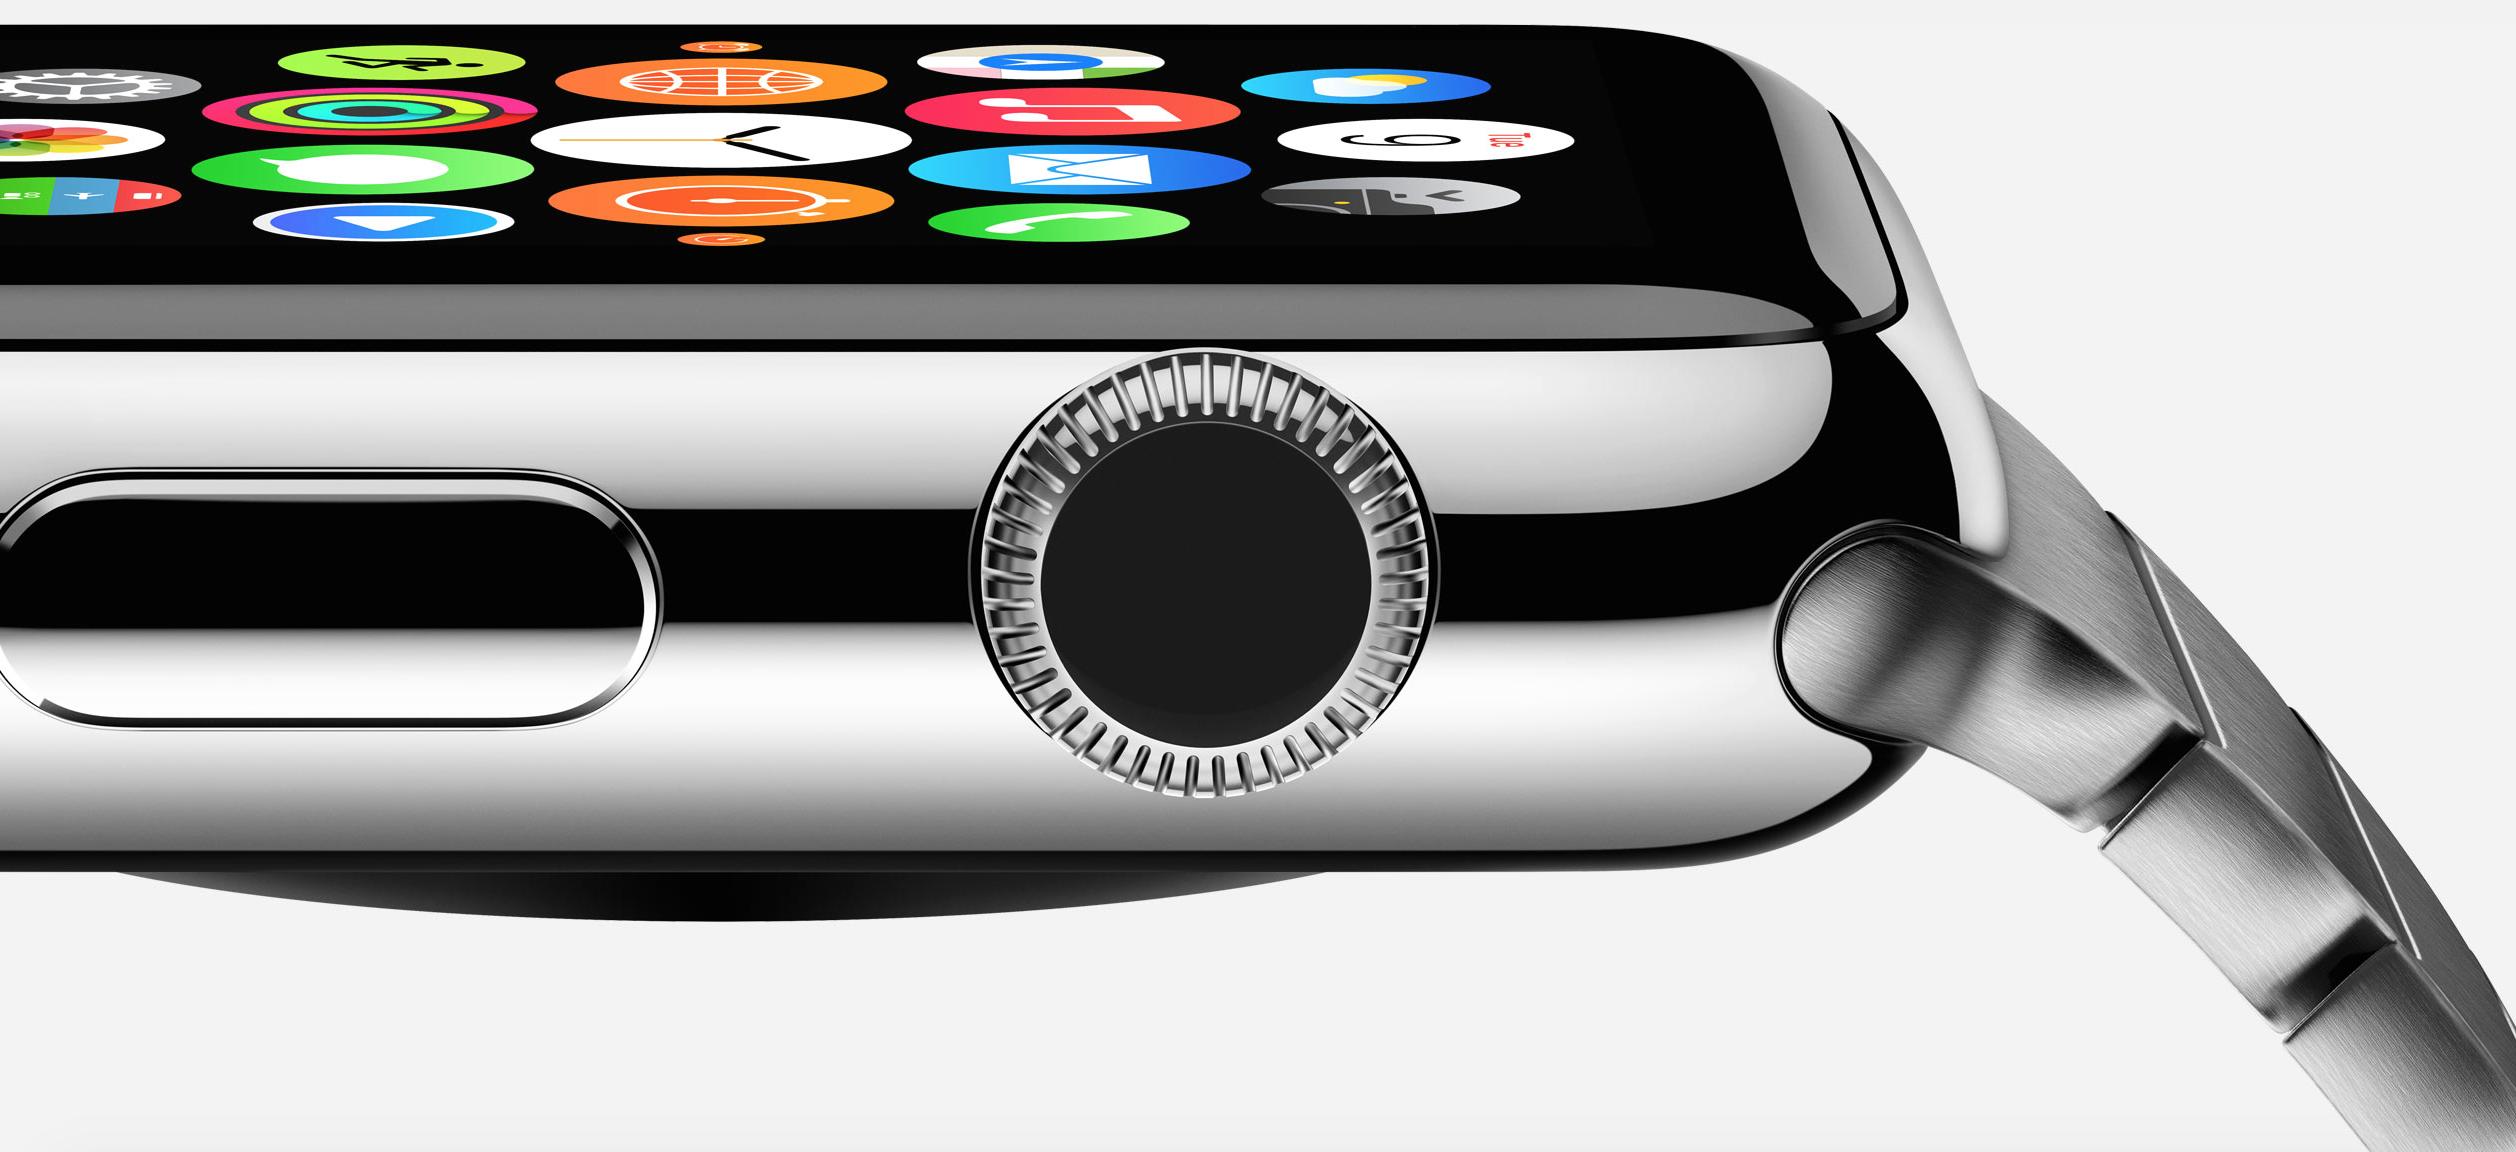 Apple Watch, i nuovi cinturini in Nylon: prezzo ridotto